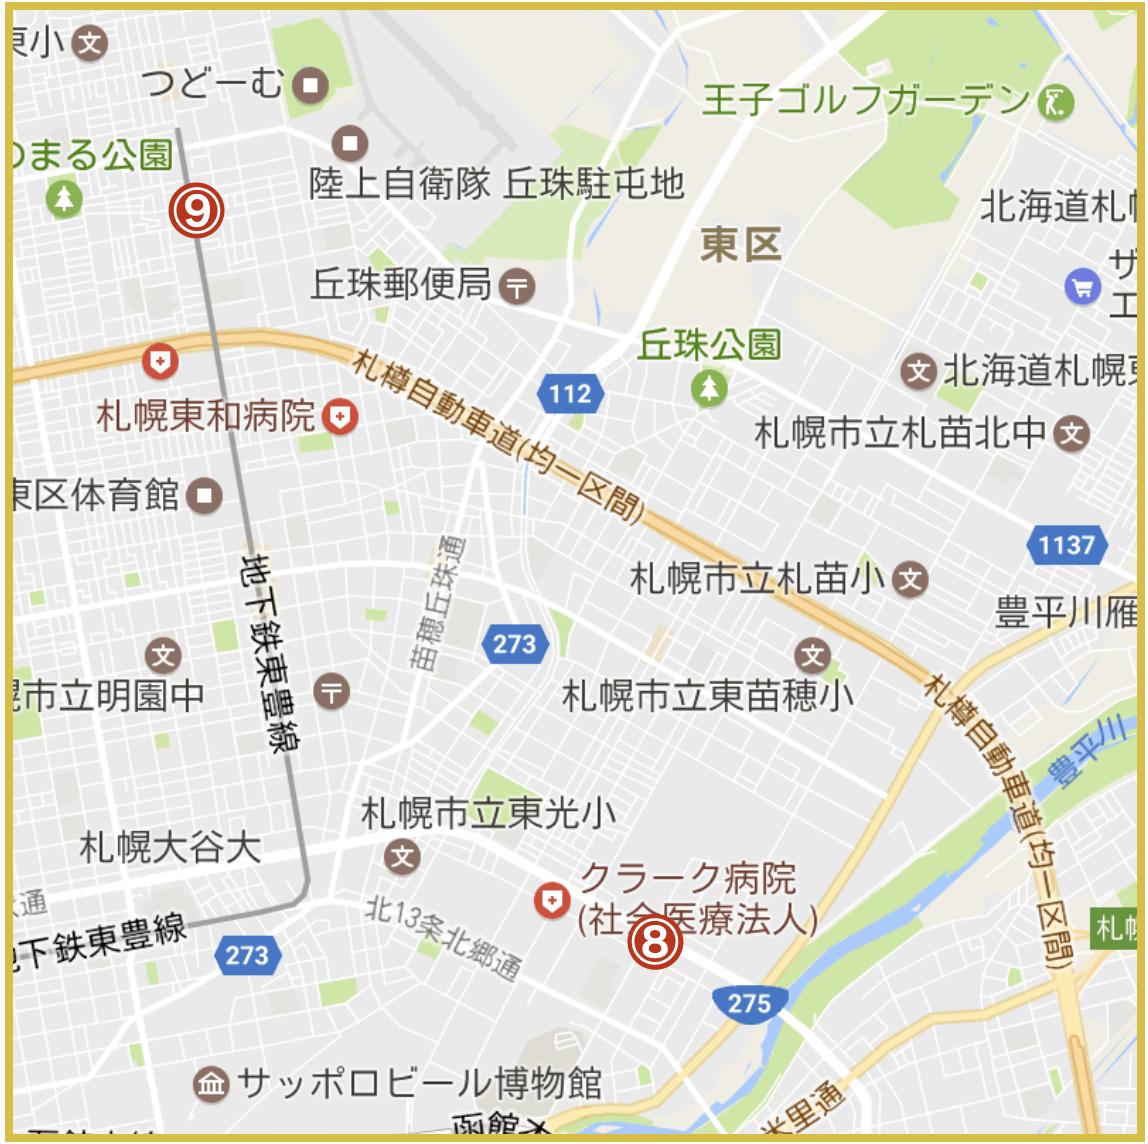 札幌市東区にあるアコム店舗・ATMの位置(2020年7月版)